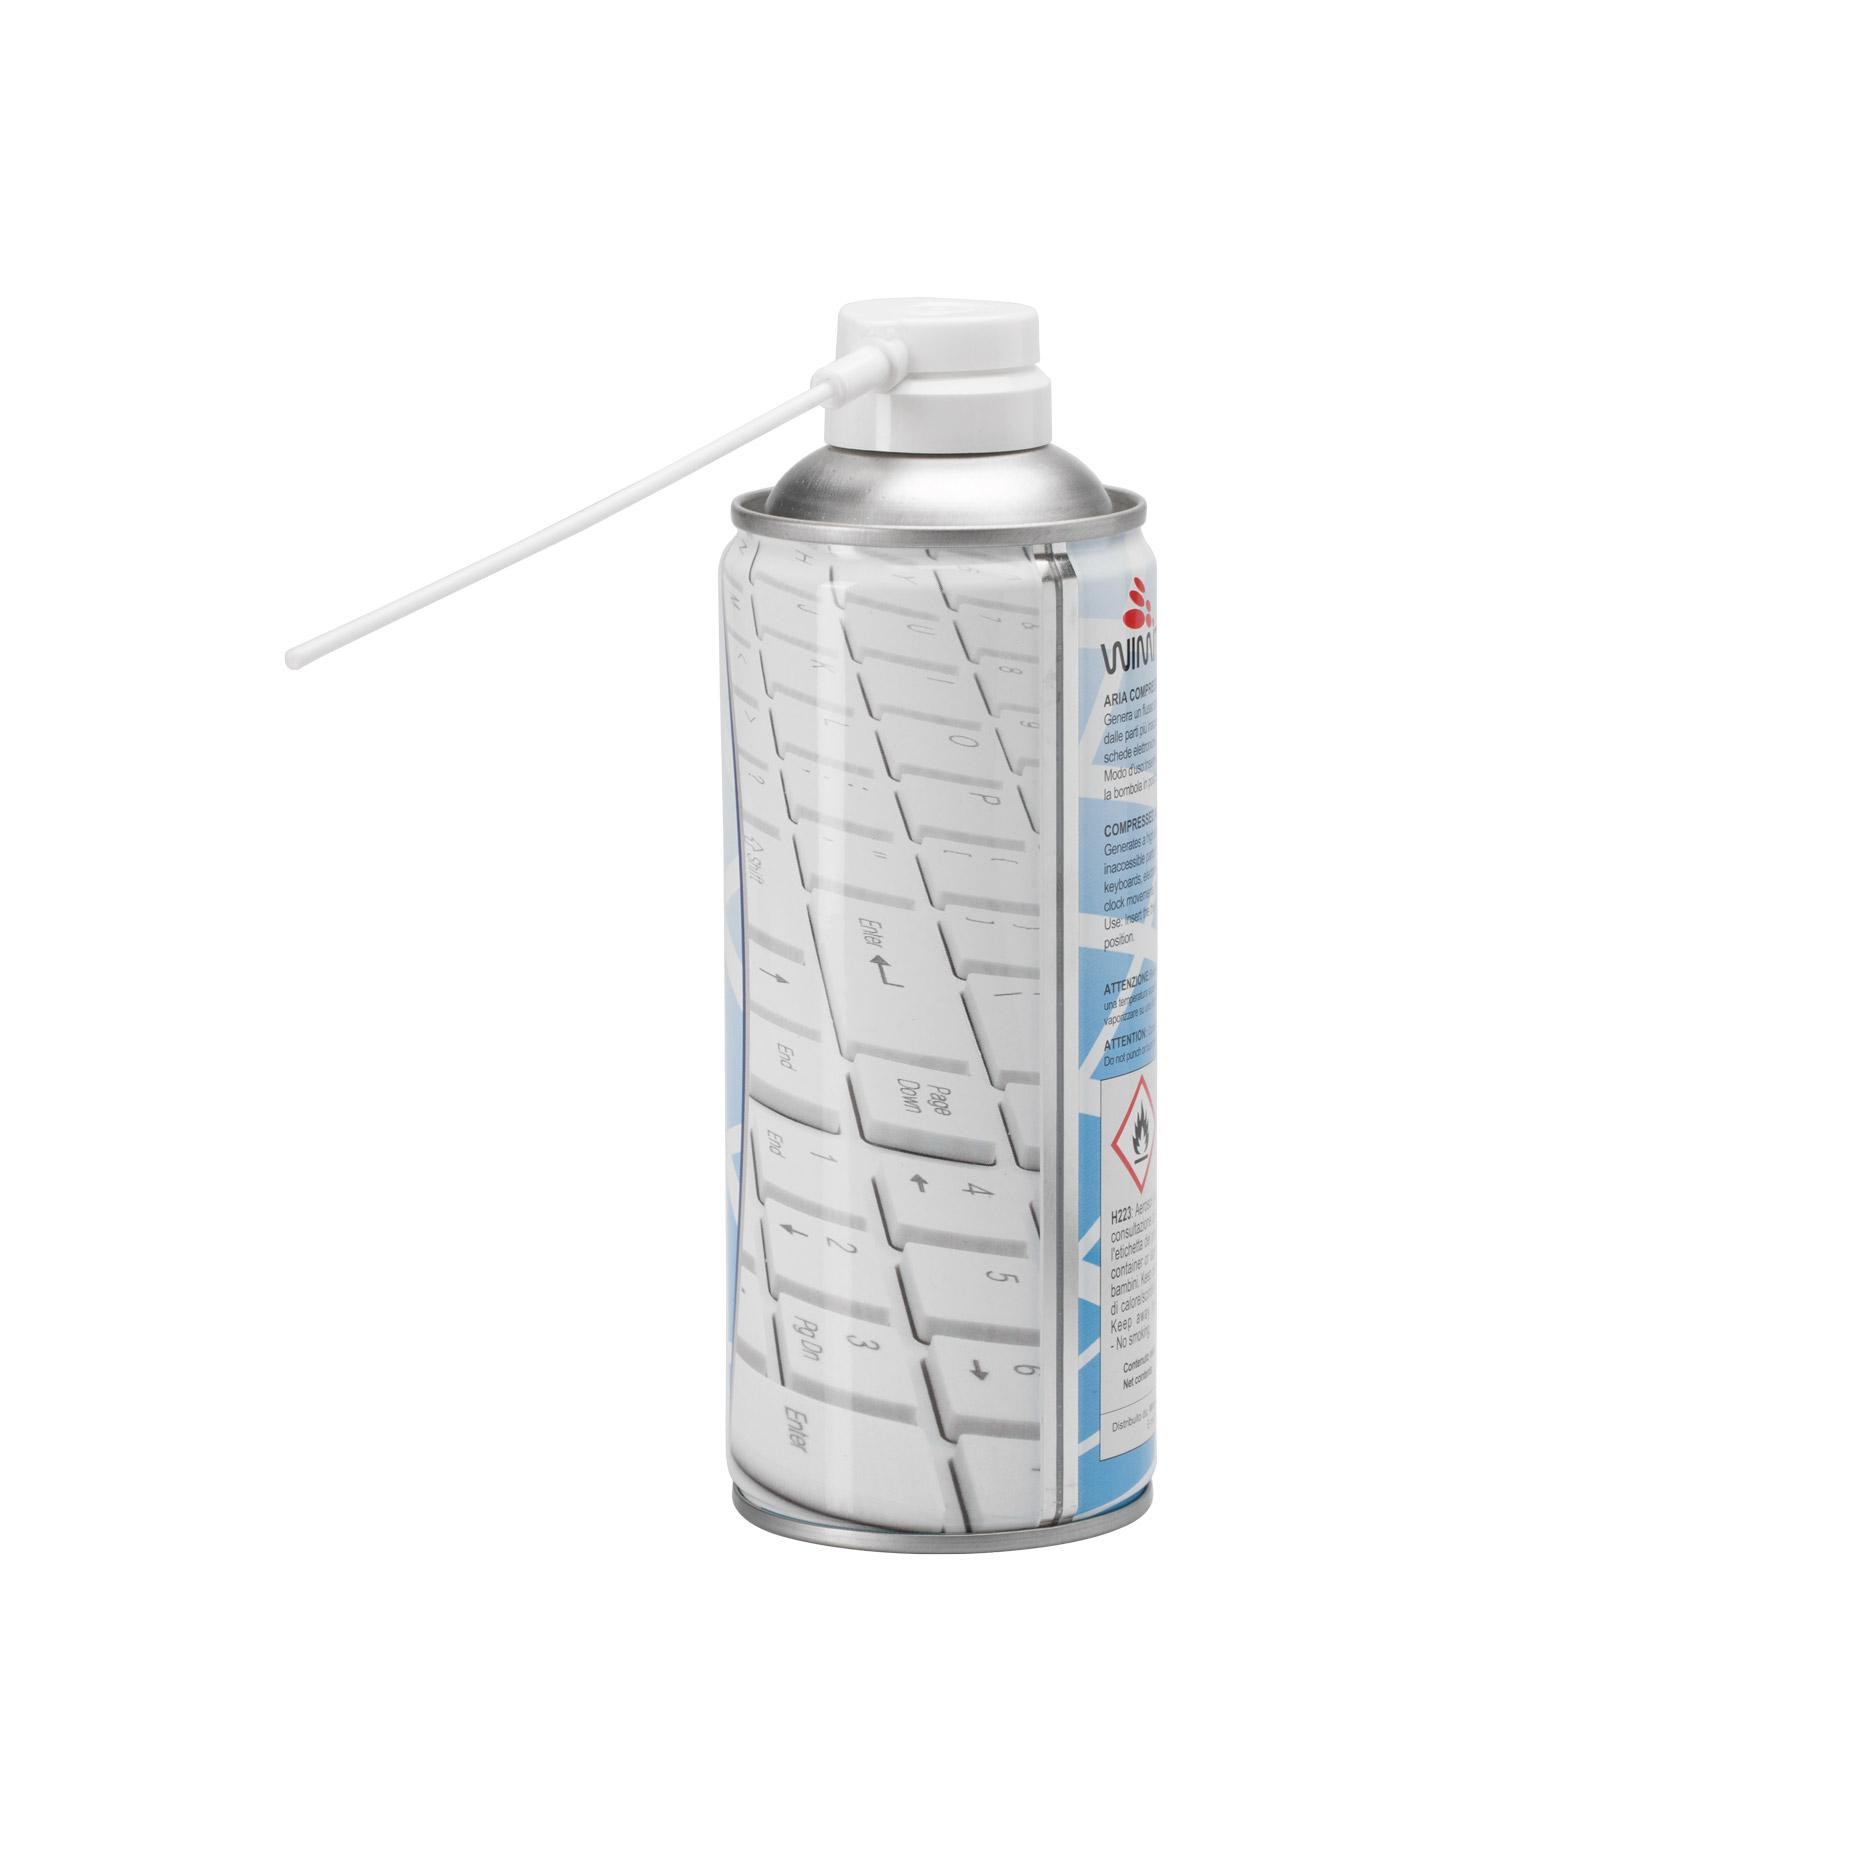 Aria spray pulizia schermo 400ml_1